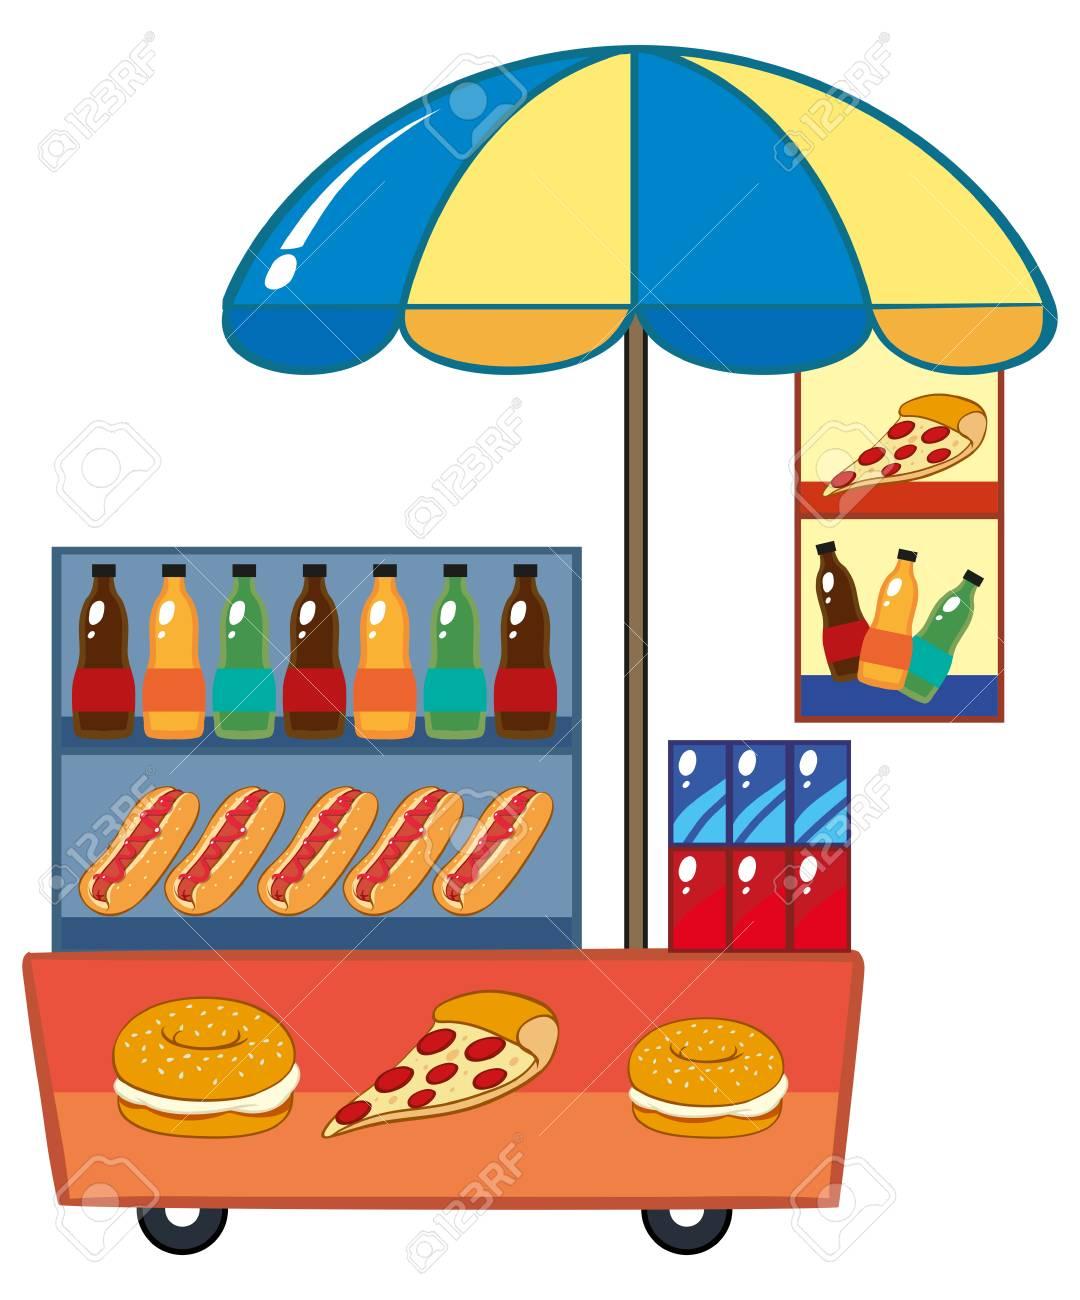 ホットドッグとドリンク イラスト食品ベンダー ロイヤリティフリー